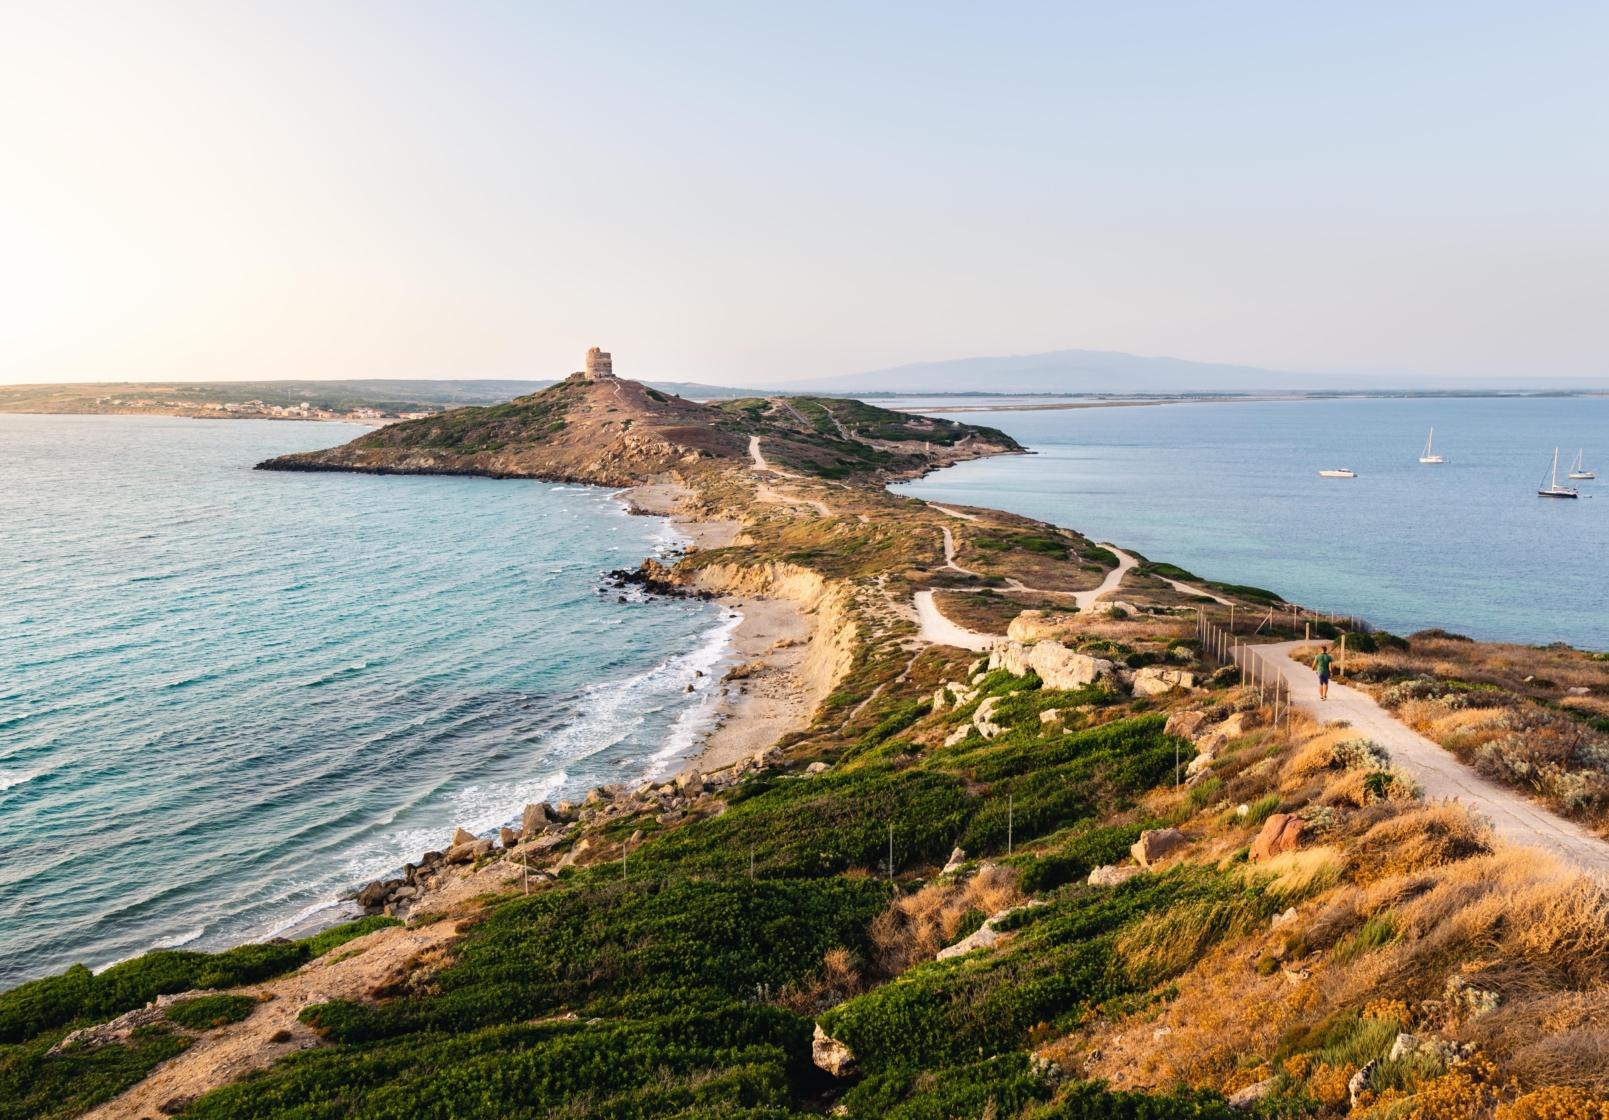 Four reasons to visit Sardinia - Sawday's